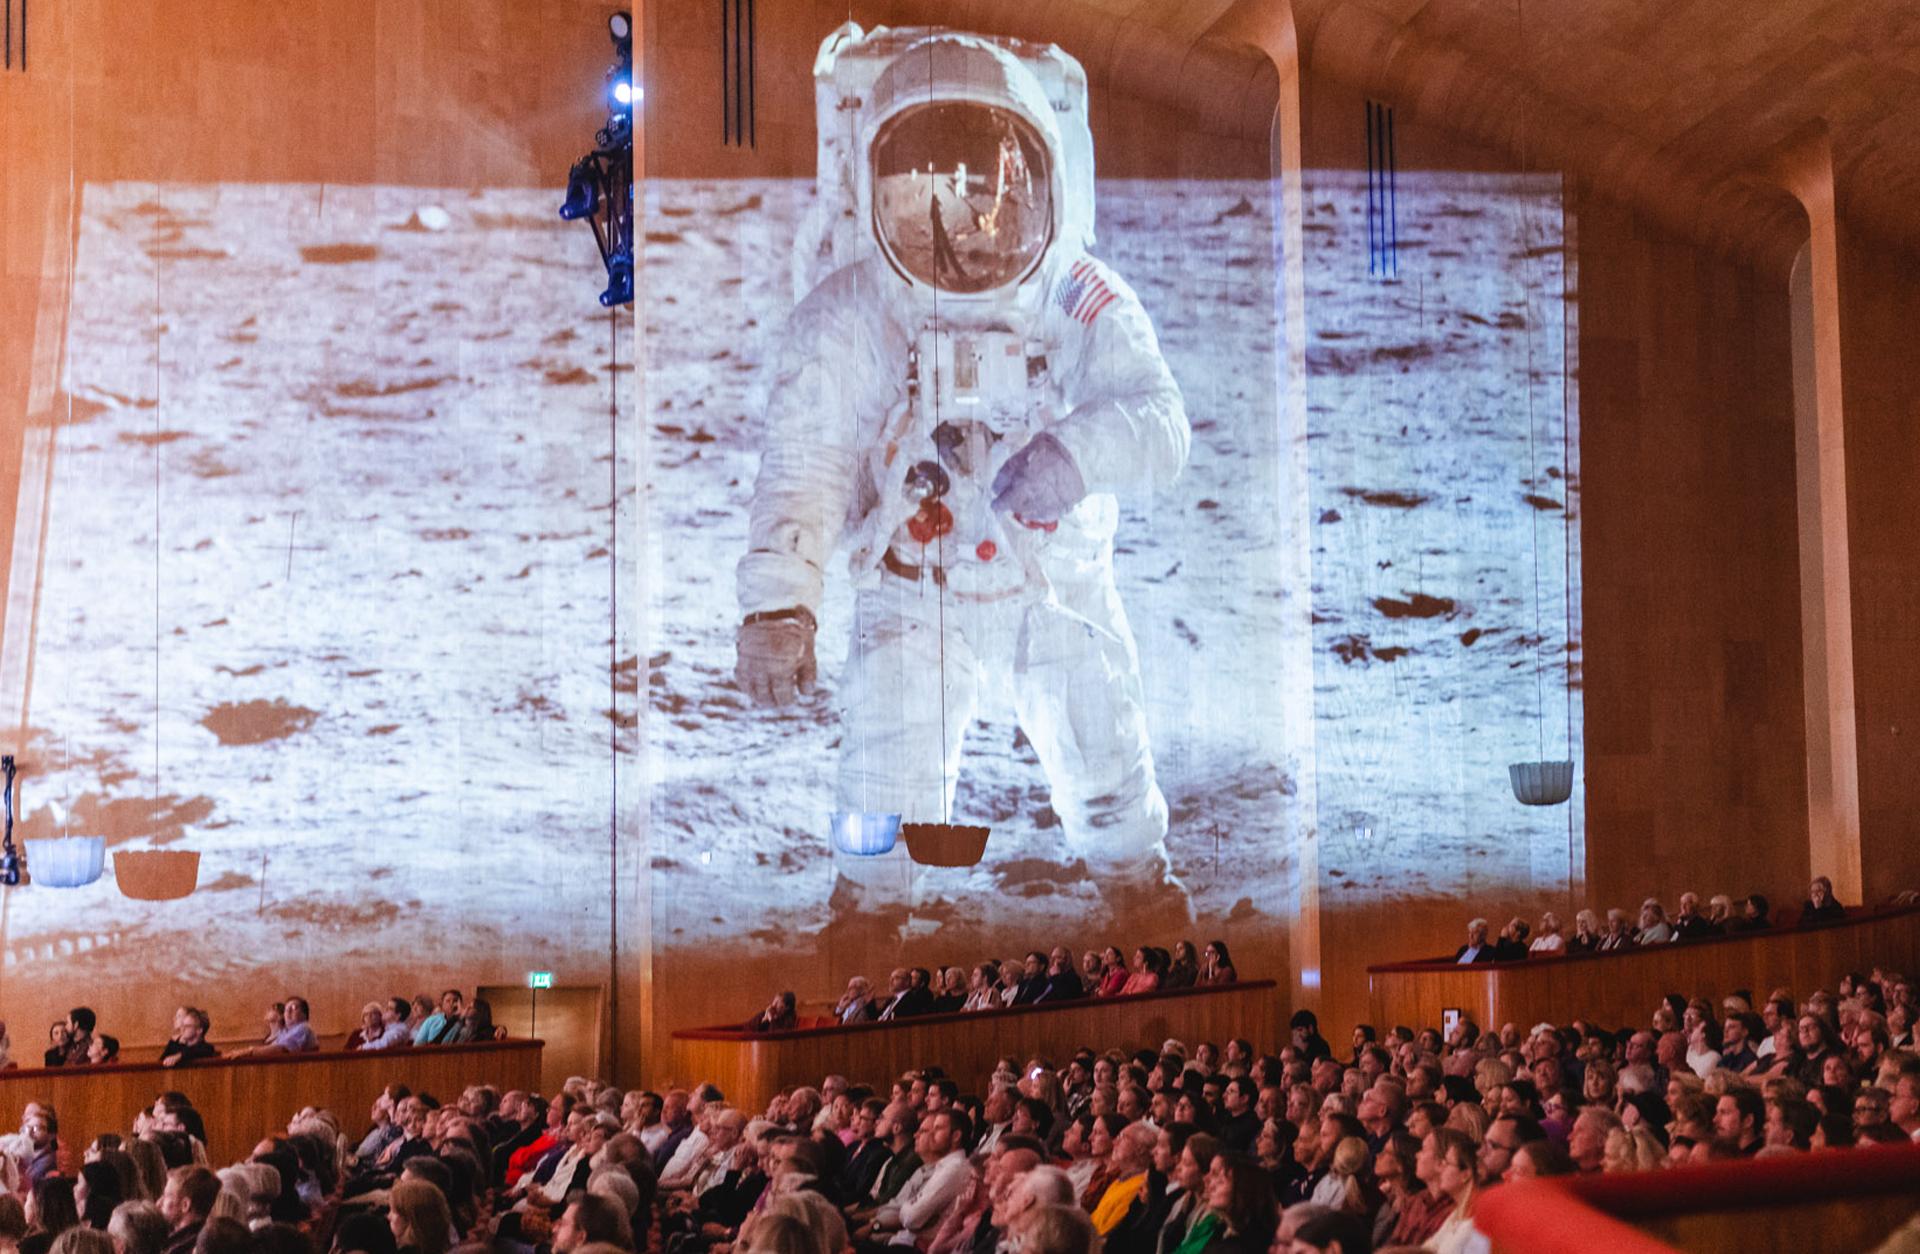 Stora salen fylld med publik och projektorbild på månlandning